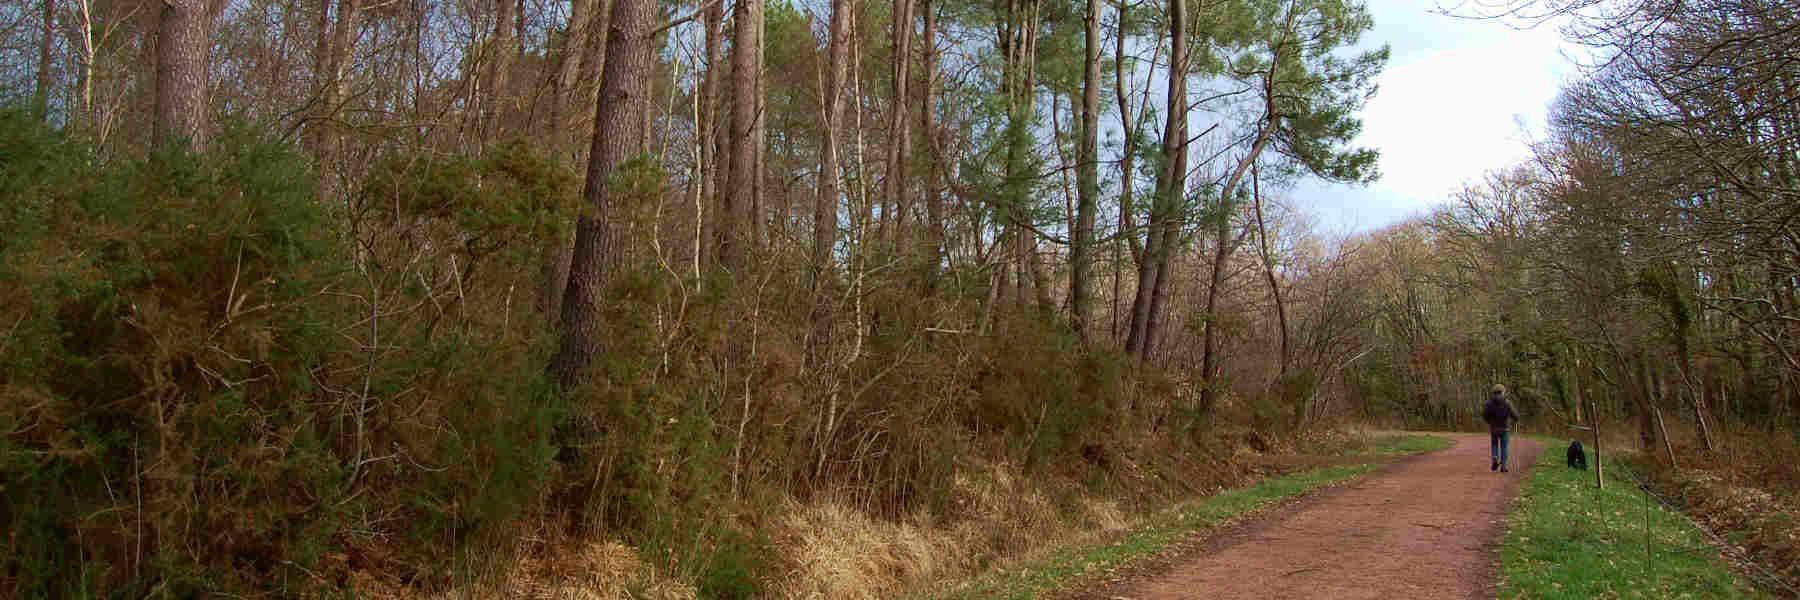 La randonnée pédestre à Herbignac